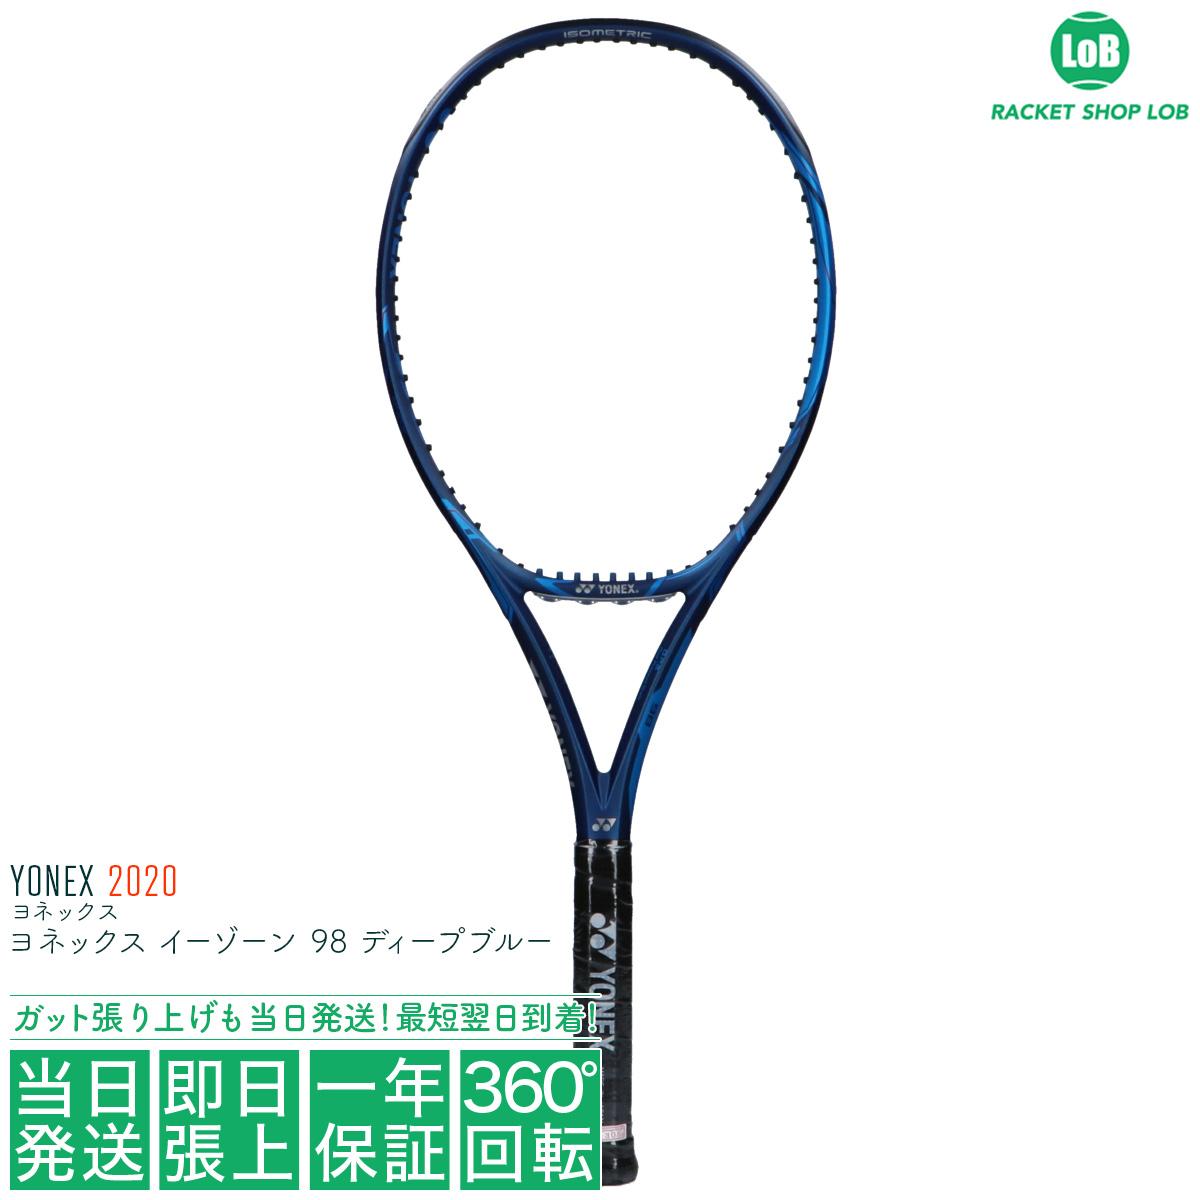 【クーポン利用で5%OFF!】ヨネックス イーゾーン 98 ディープブルー 2020(YONEX EZONE 98 DEEP BLUE)305g 06EZ98 566 硬式テニスラケット